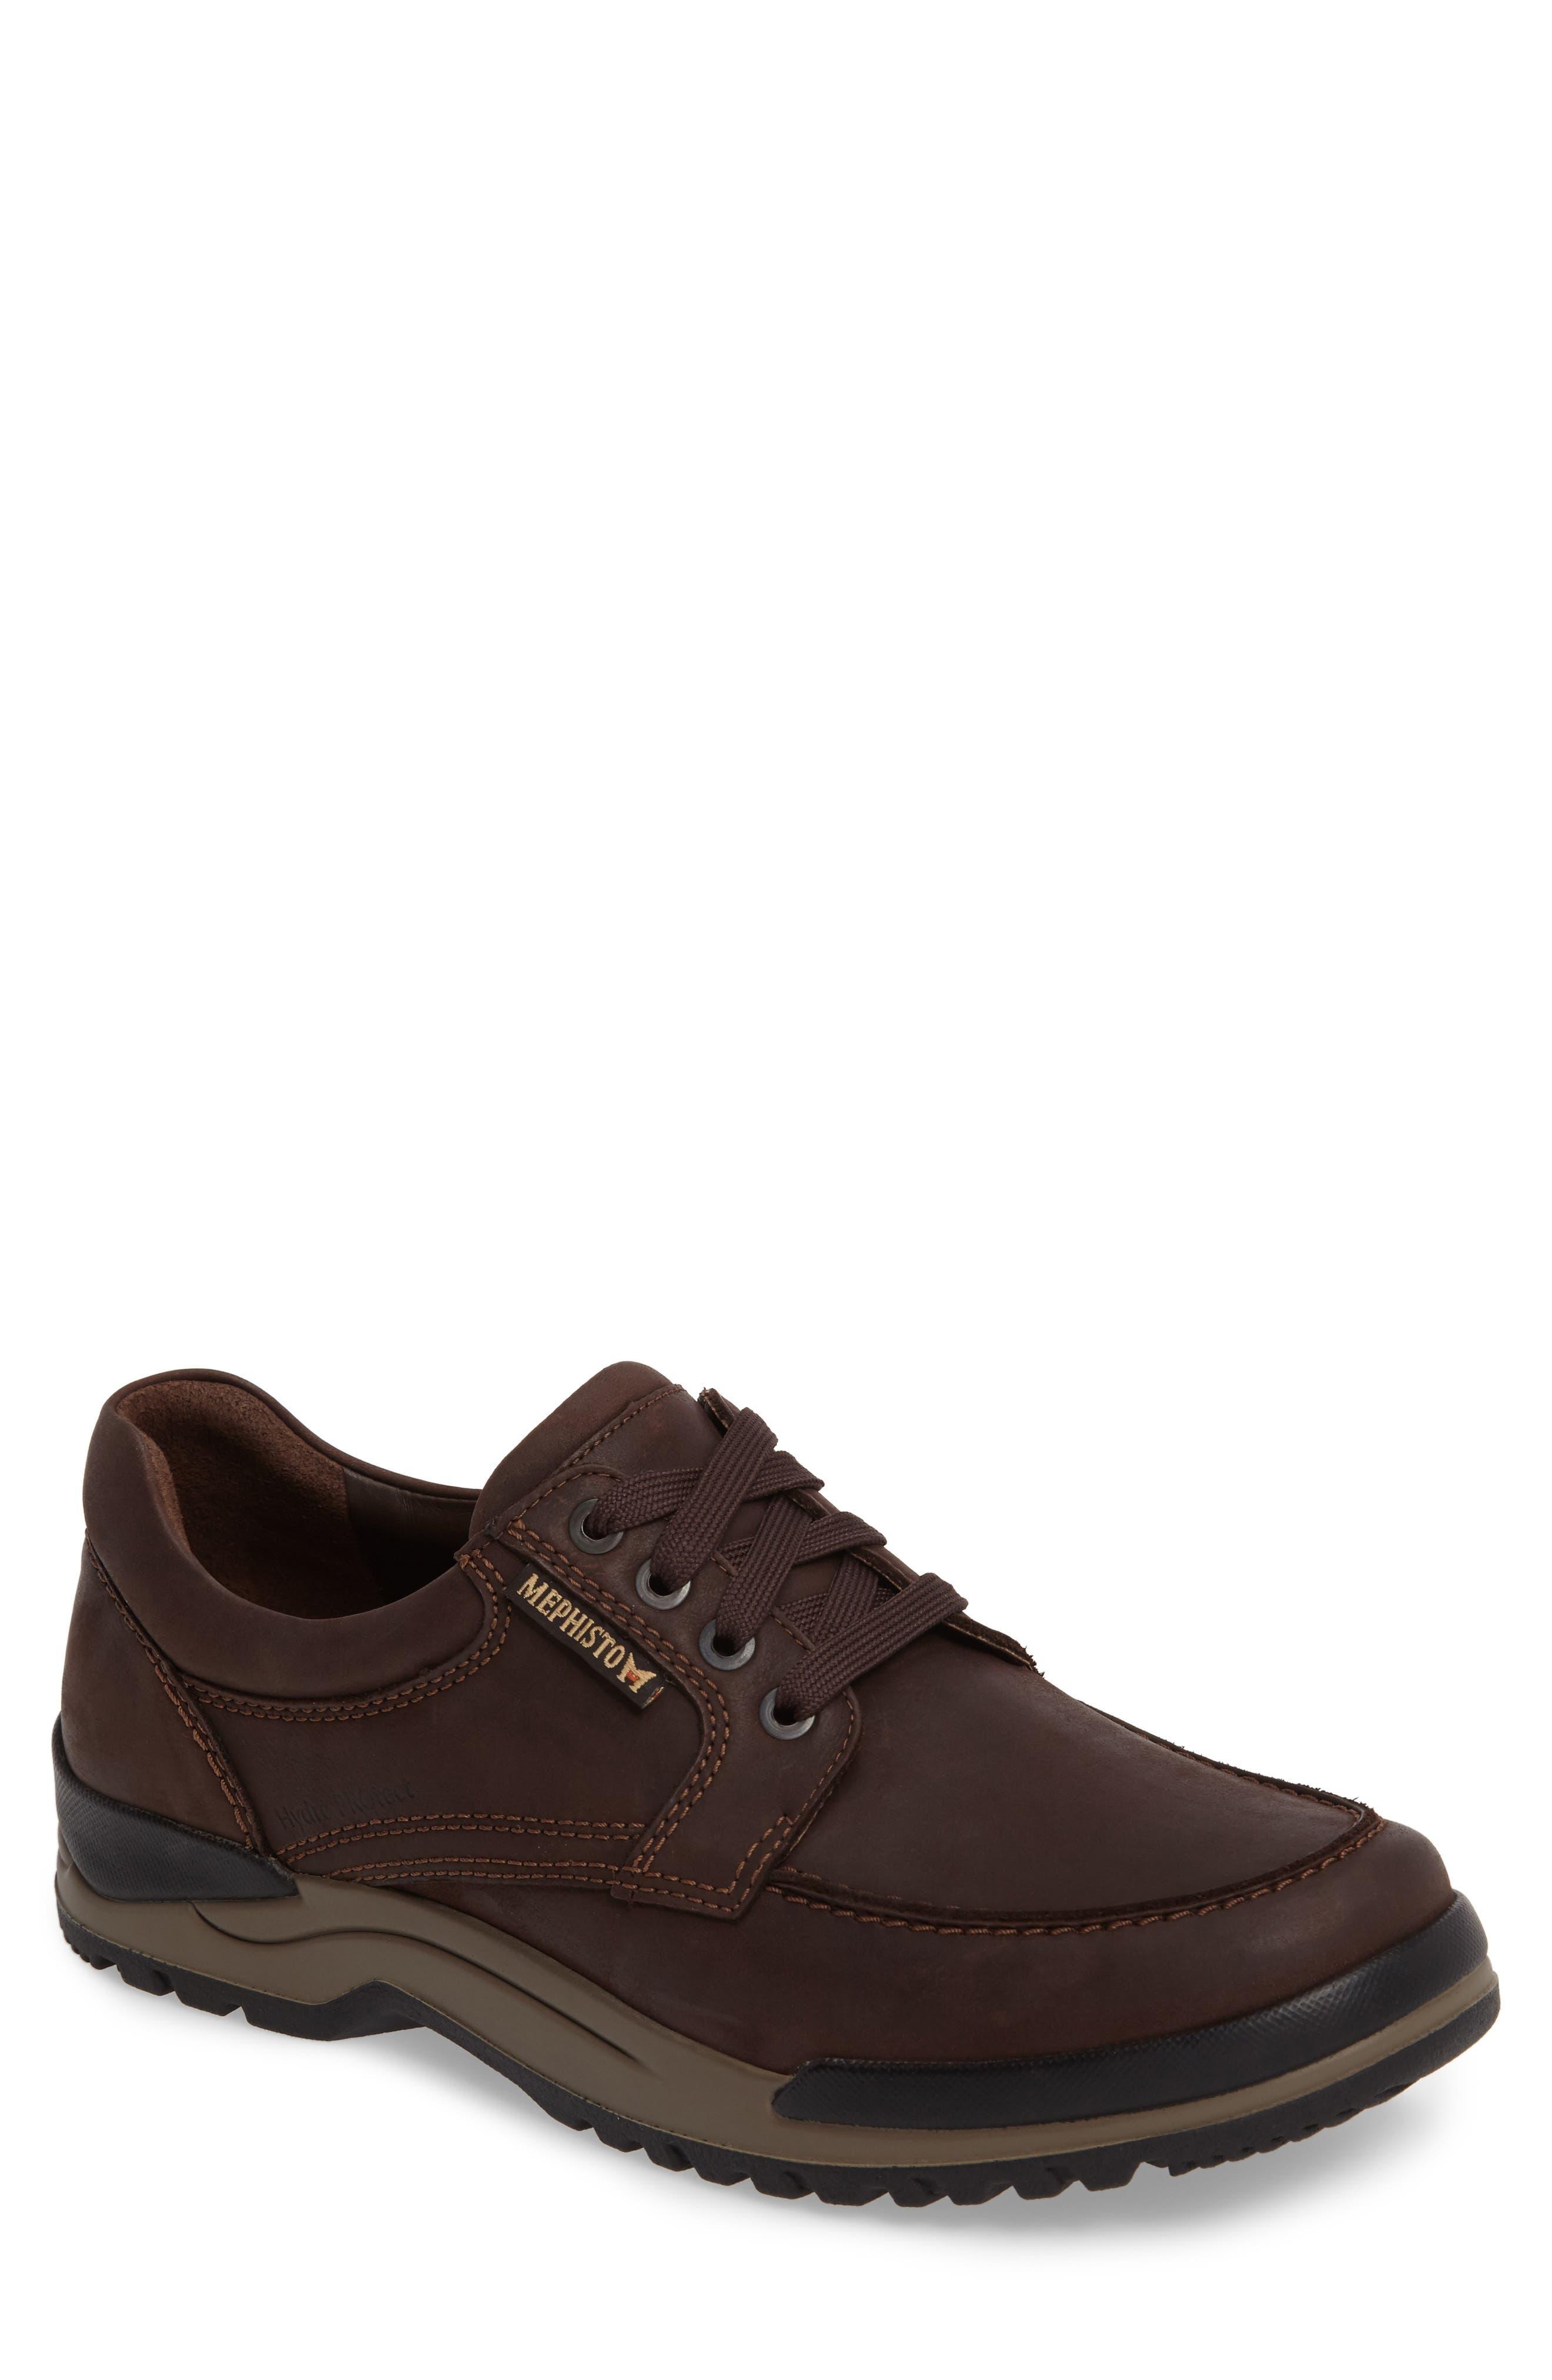 Charles Waterproof Walking Shoe,                         Main,                         color, DARK BROWN